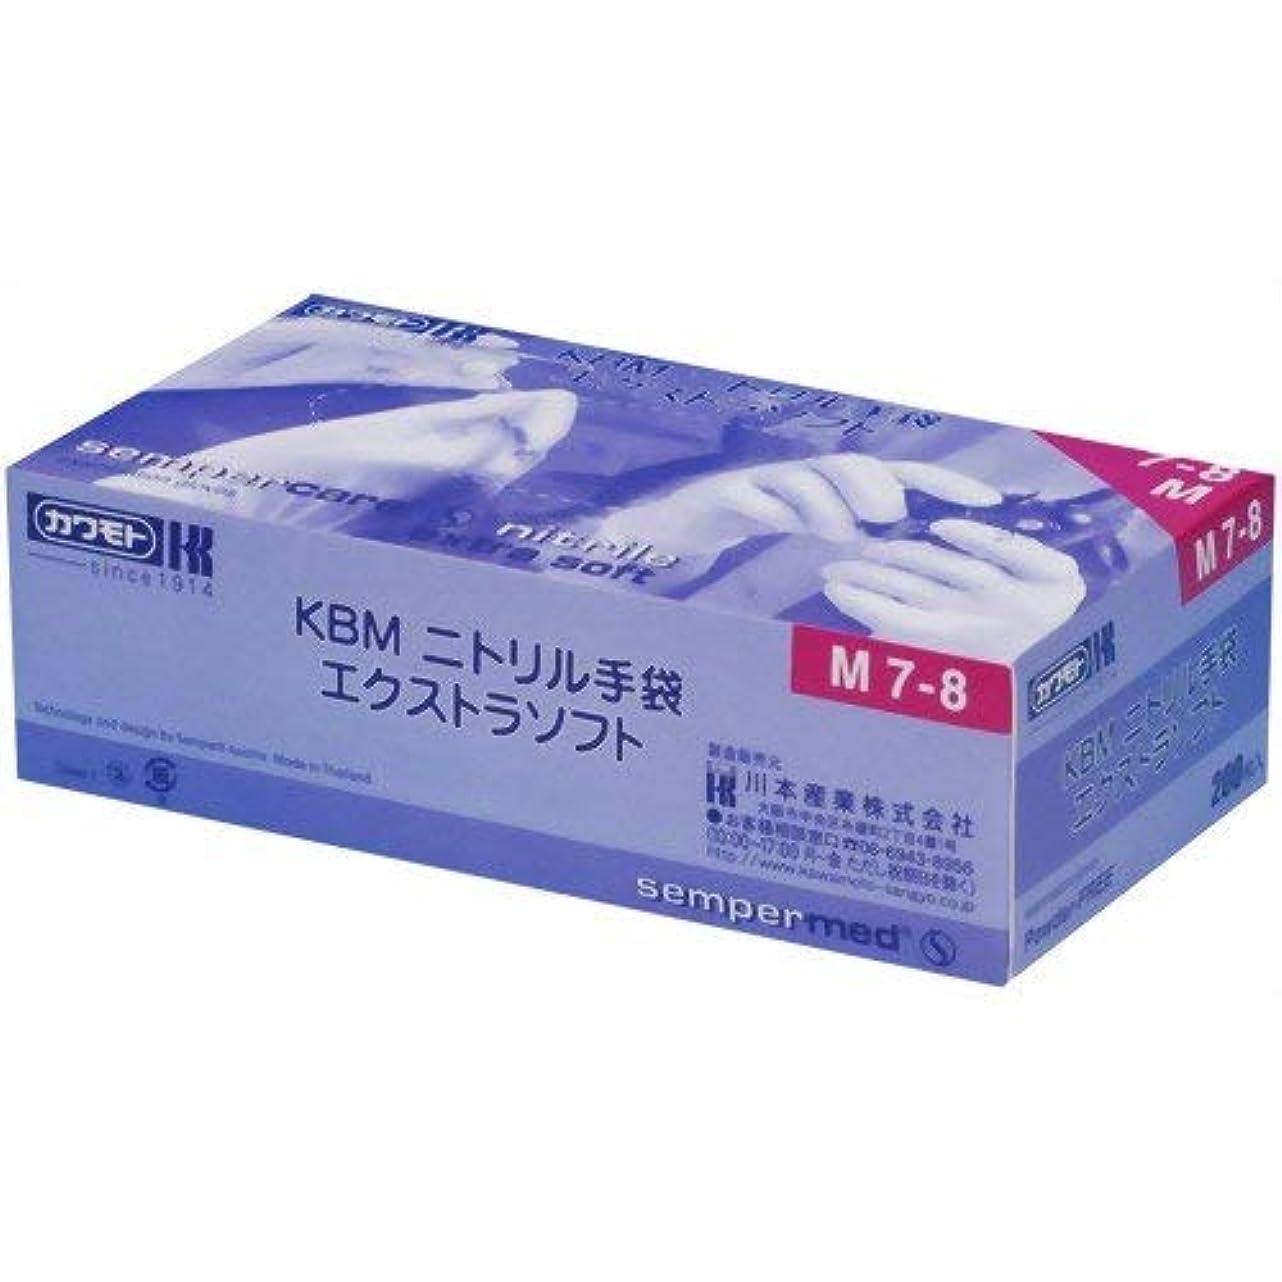 マイクロプロセッサつばデコードする川本産業 KBMニトリル手袋 エクストラソフト L 200枚入 × 24個セット